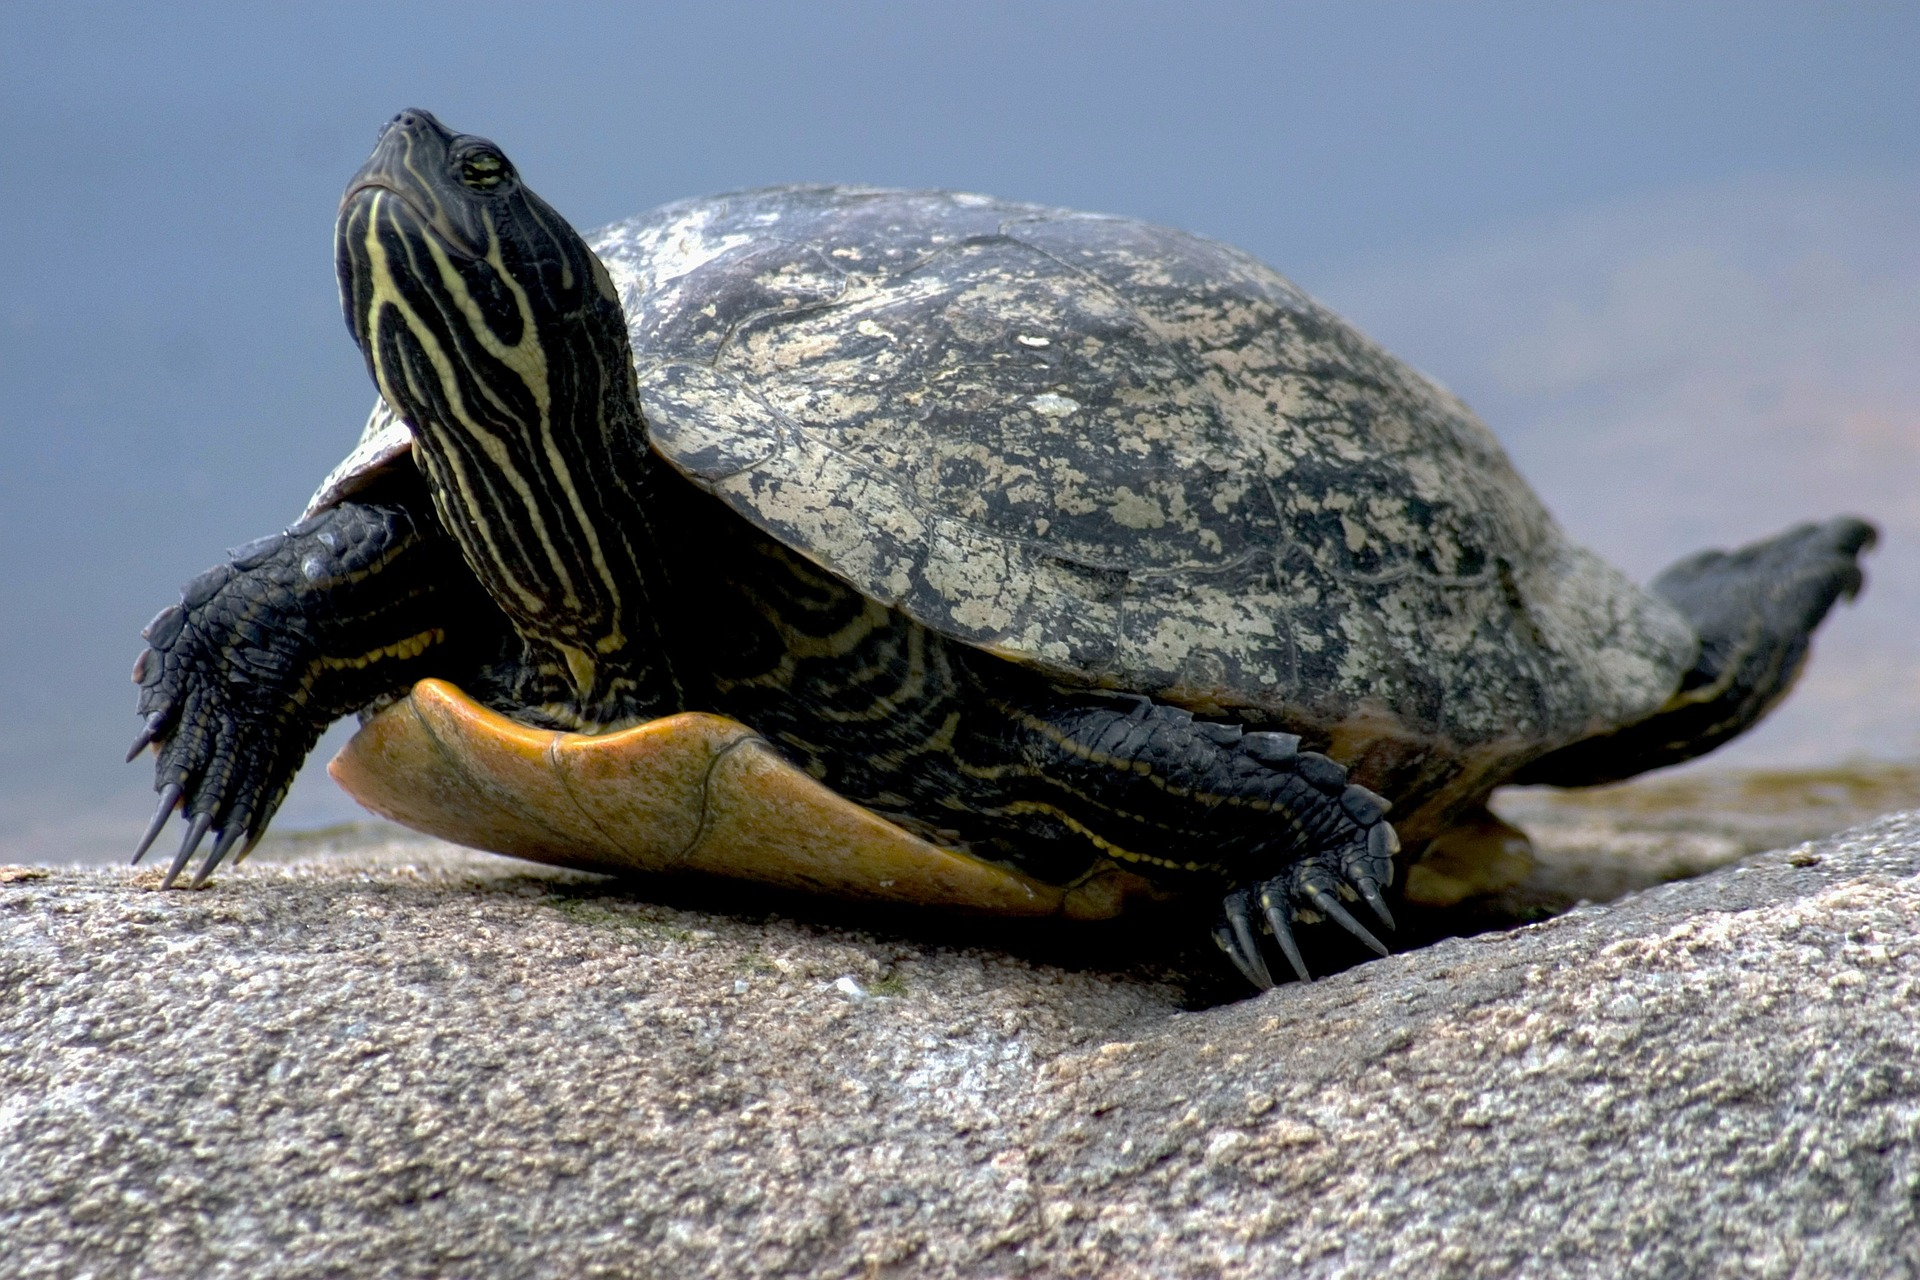 Chov želv může být někdy náročný. Želví řeč těla vám ale prozradí mnohé o  jejich potřebách 5f9632140a